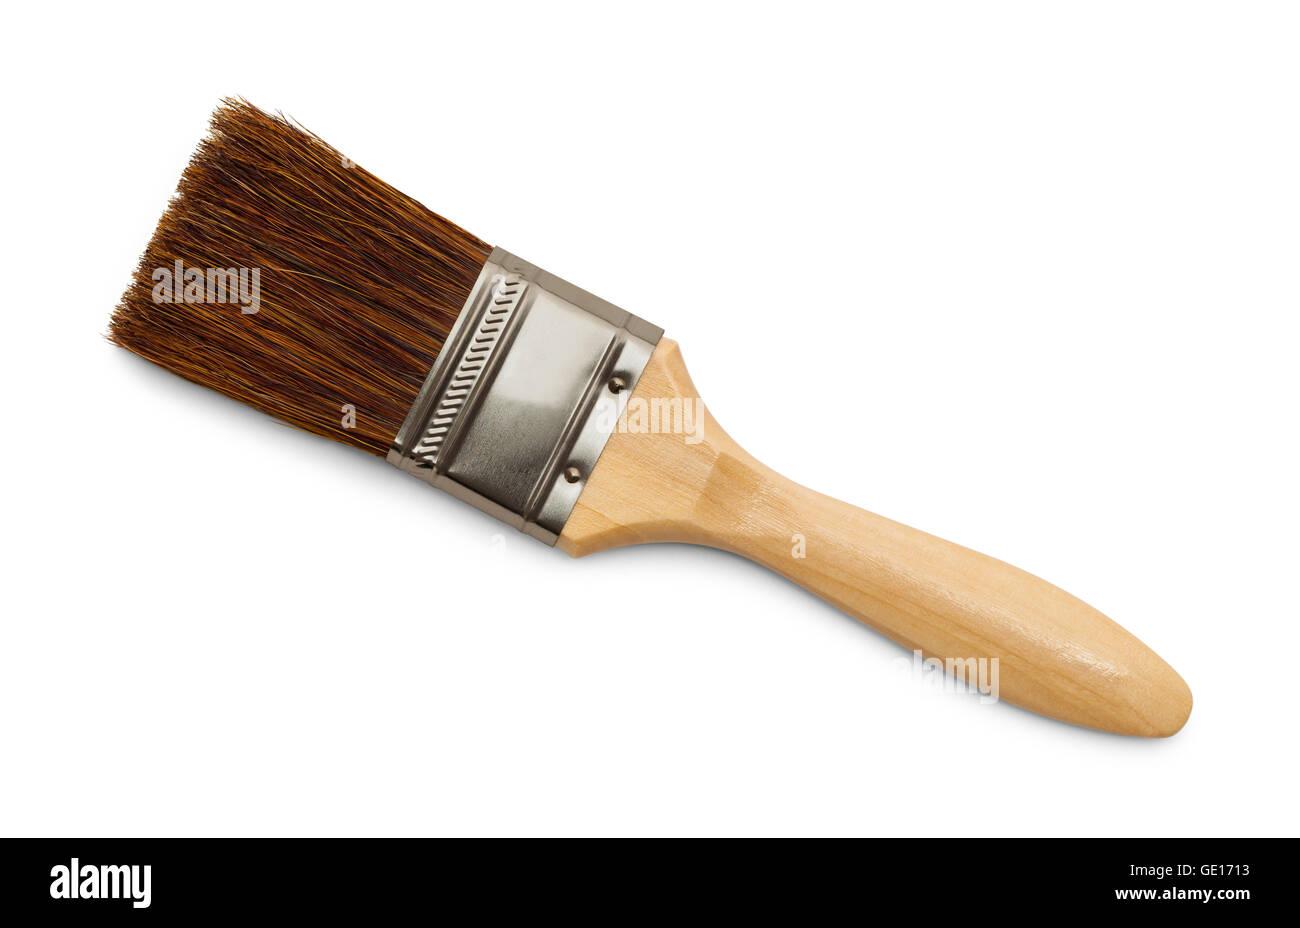 Horse Hair Bristle Paint Brush Isolated on White Background. - Stock Image